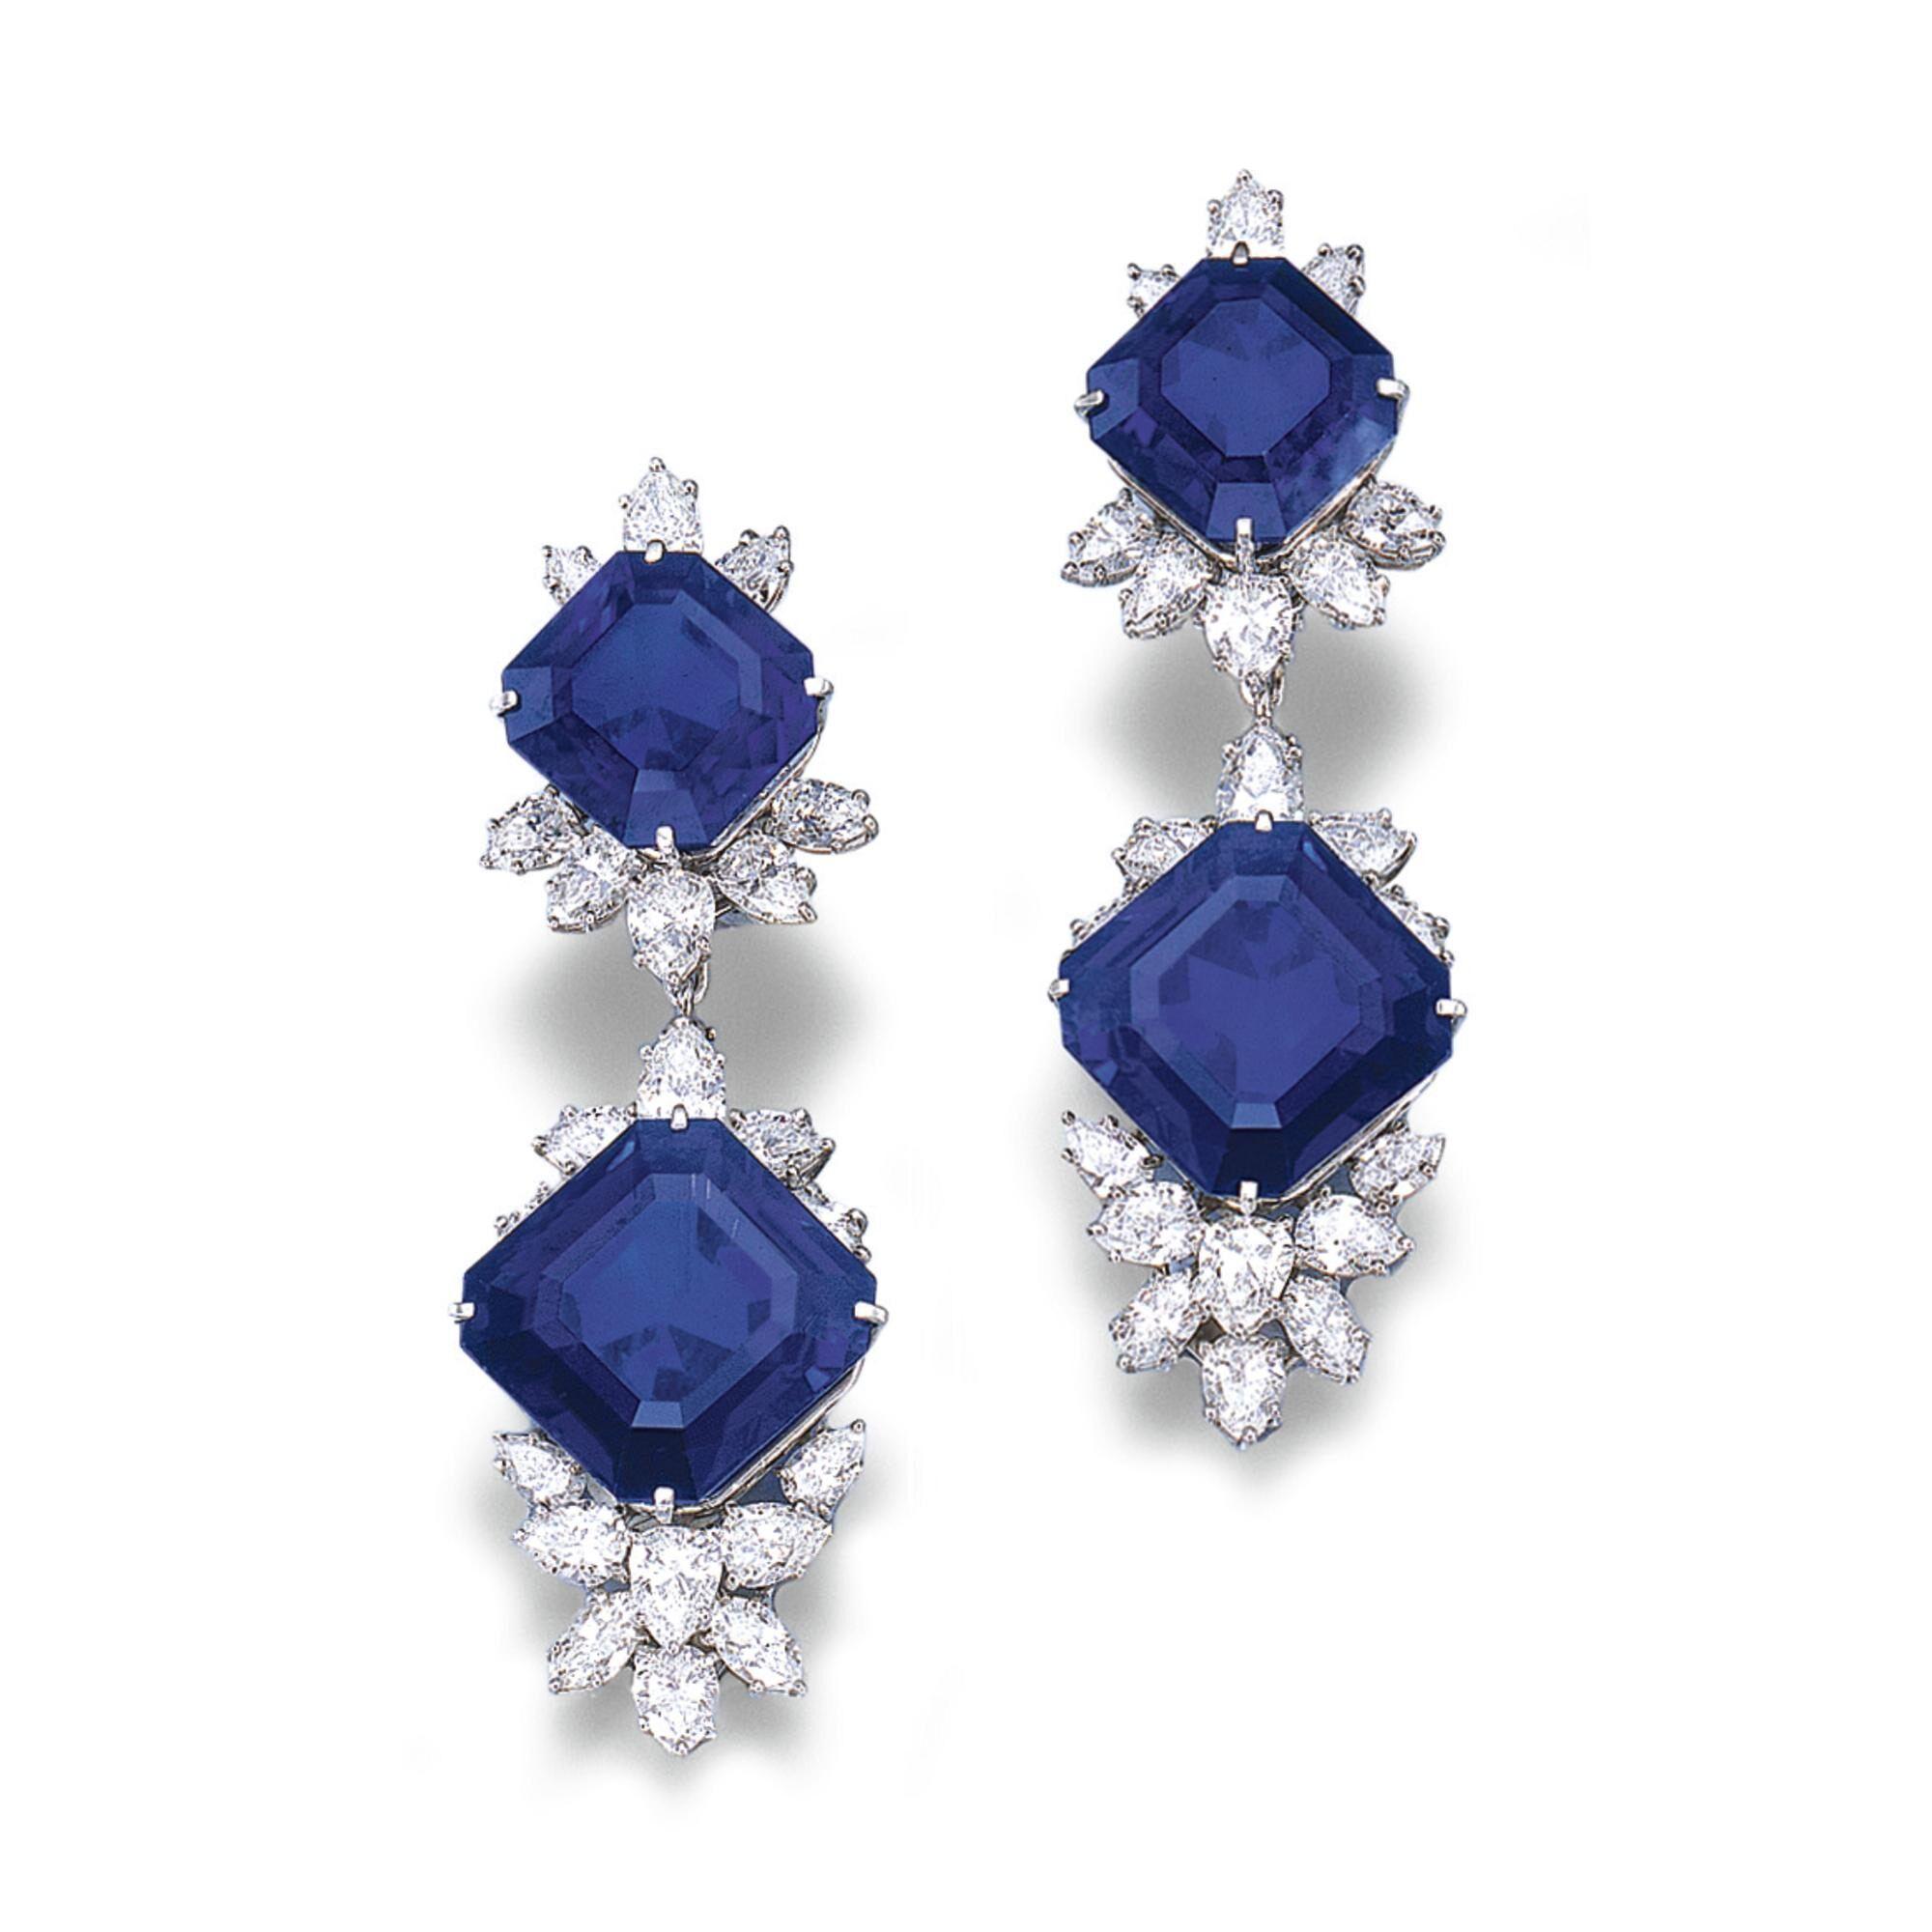 winston, harry ||| jewellery ||| sotheby's ge0902lot3r29yen